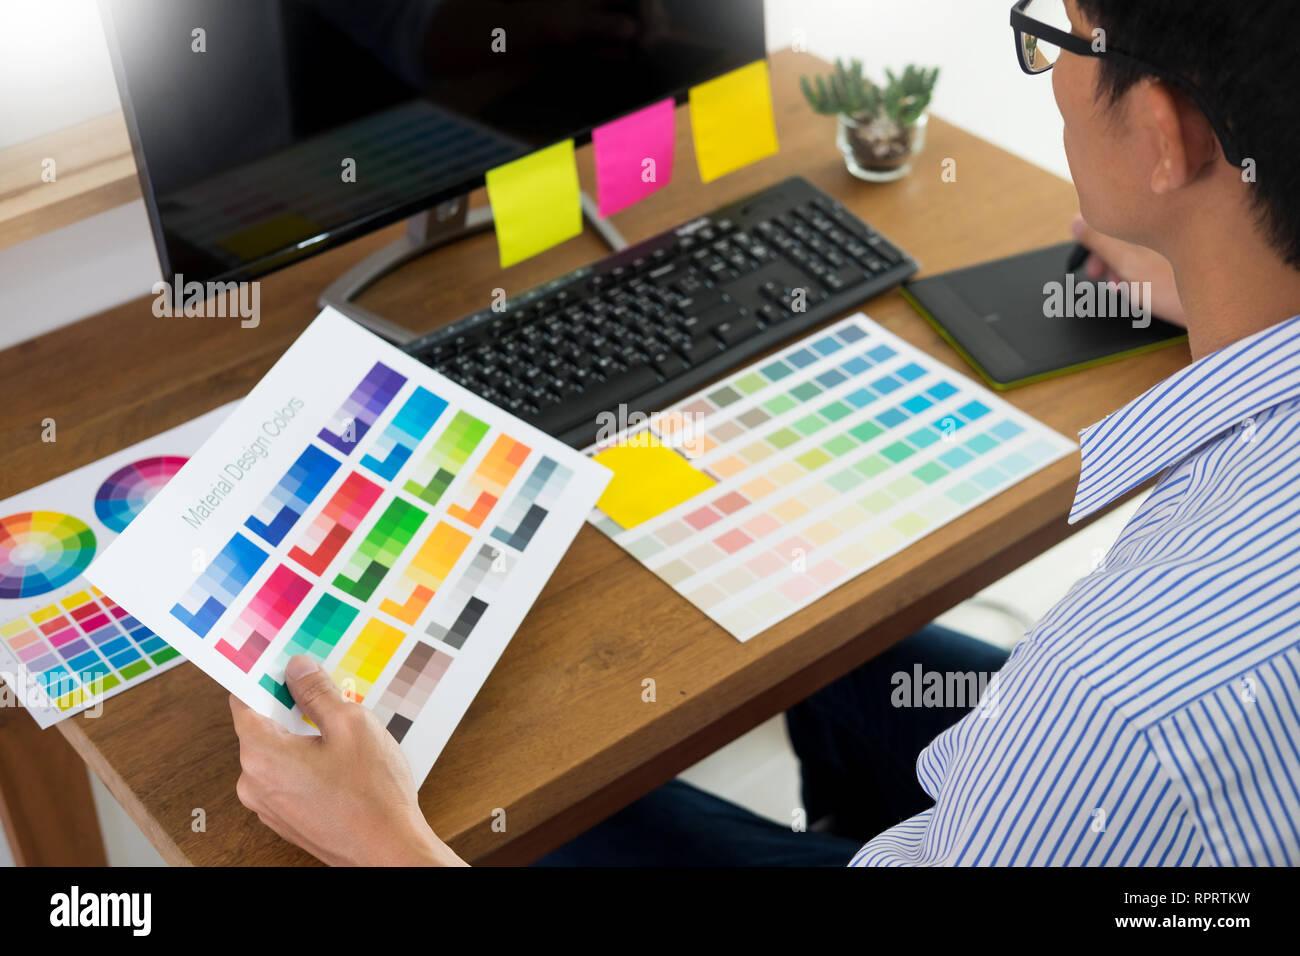 Editor de diseñador en el trabajo dibujar bocetos de un nuevo proyecto sobre la tableta gráfica y la paleta de colores sentado en una mesa con el equipo en el estudio o la oficina. Foto de stock